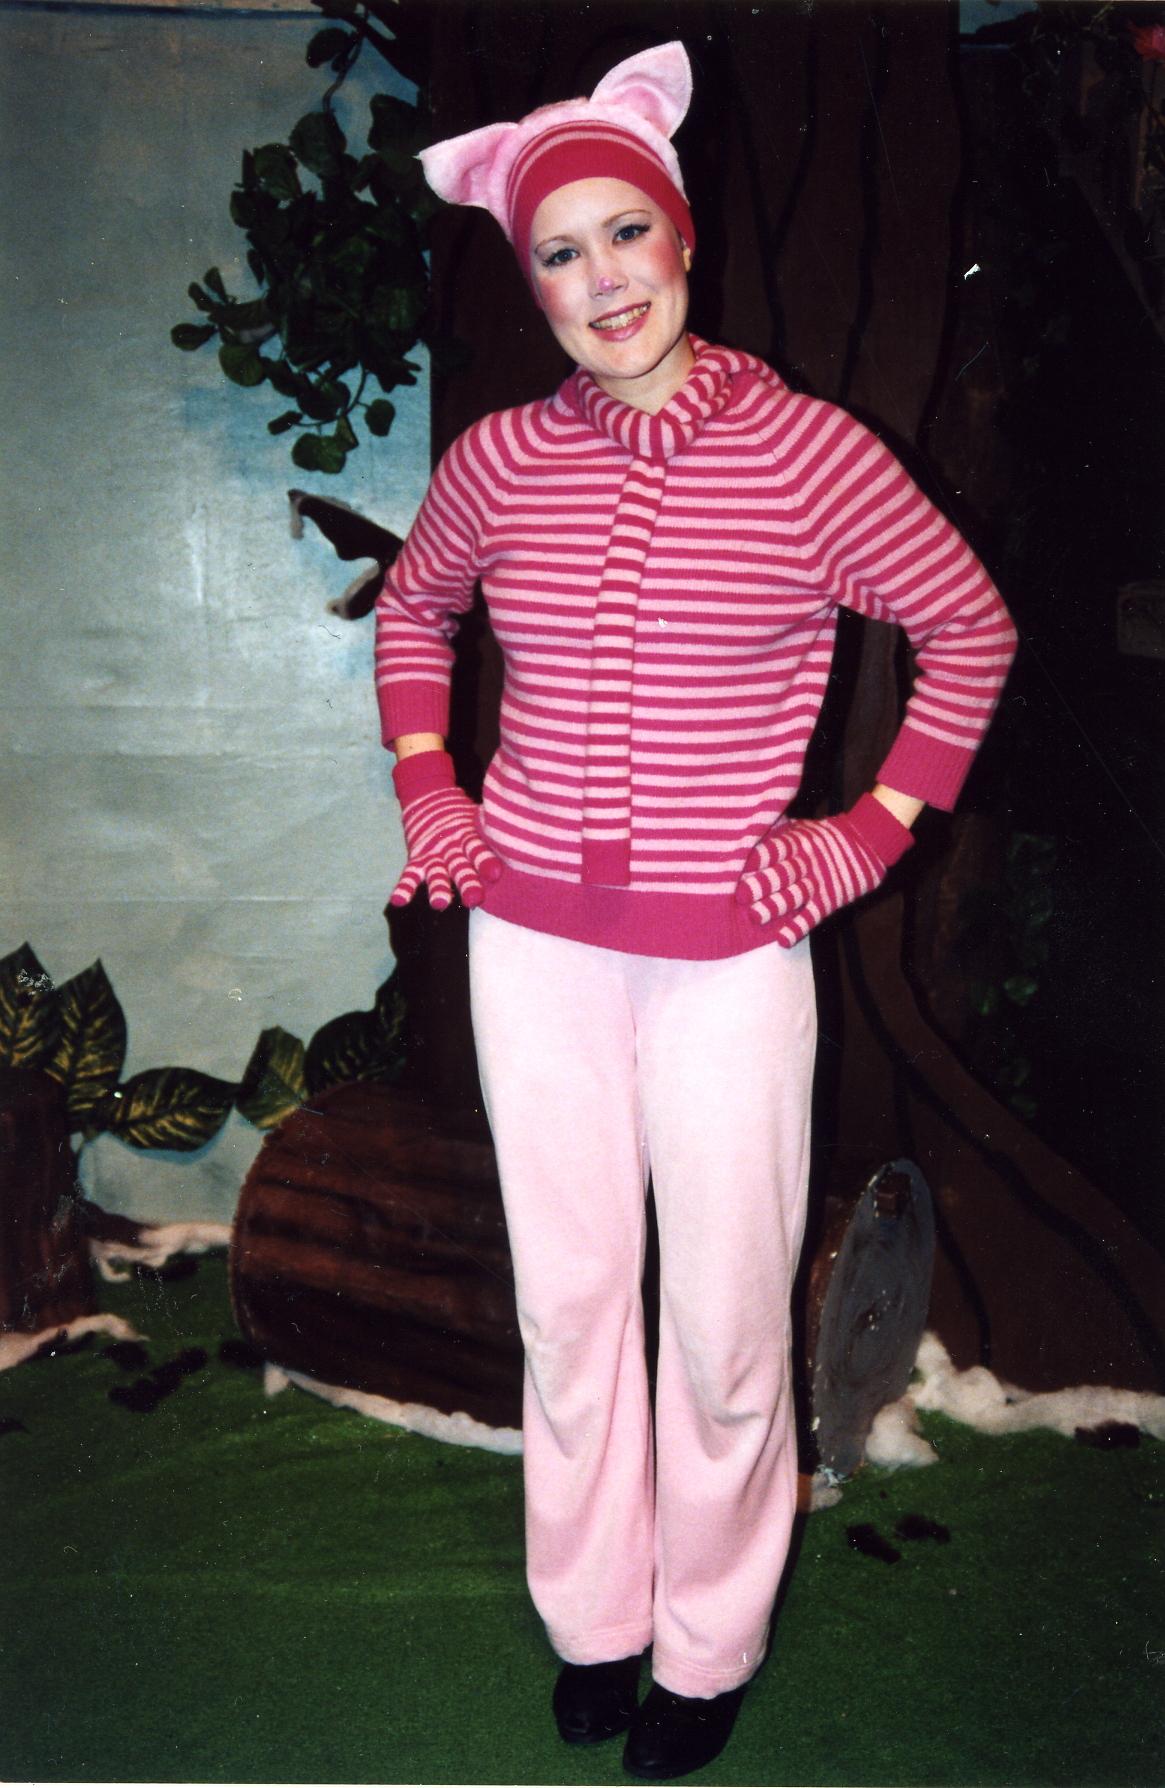 Lena as Piglet